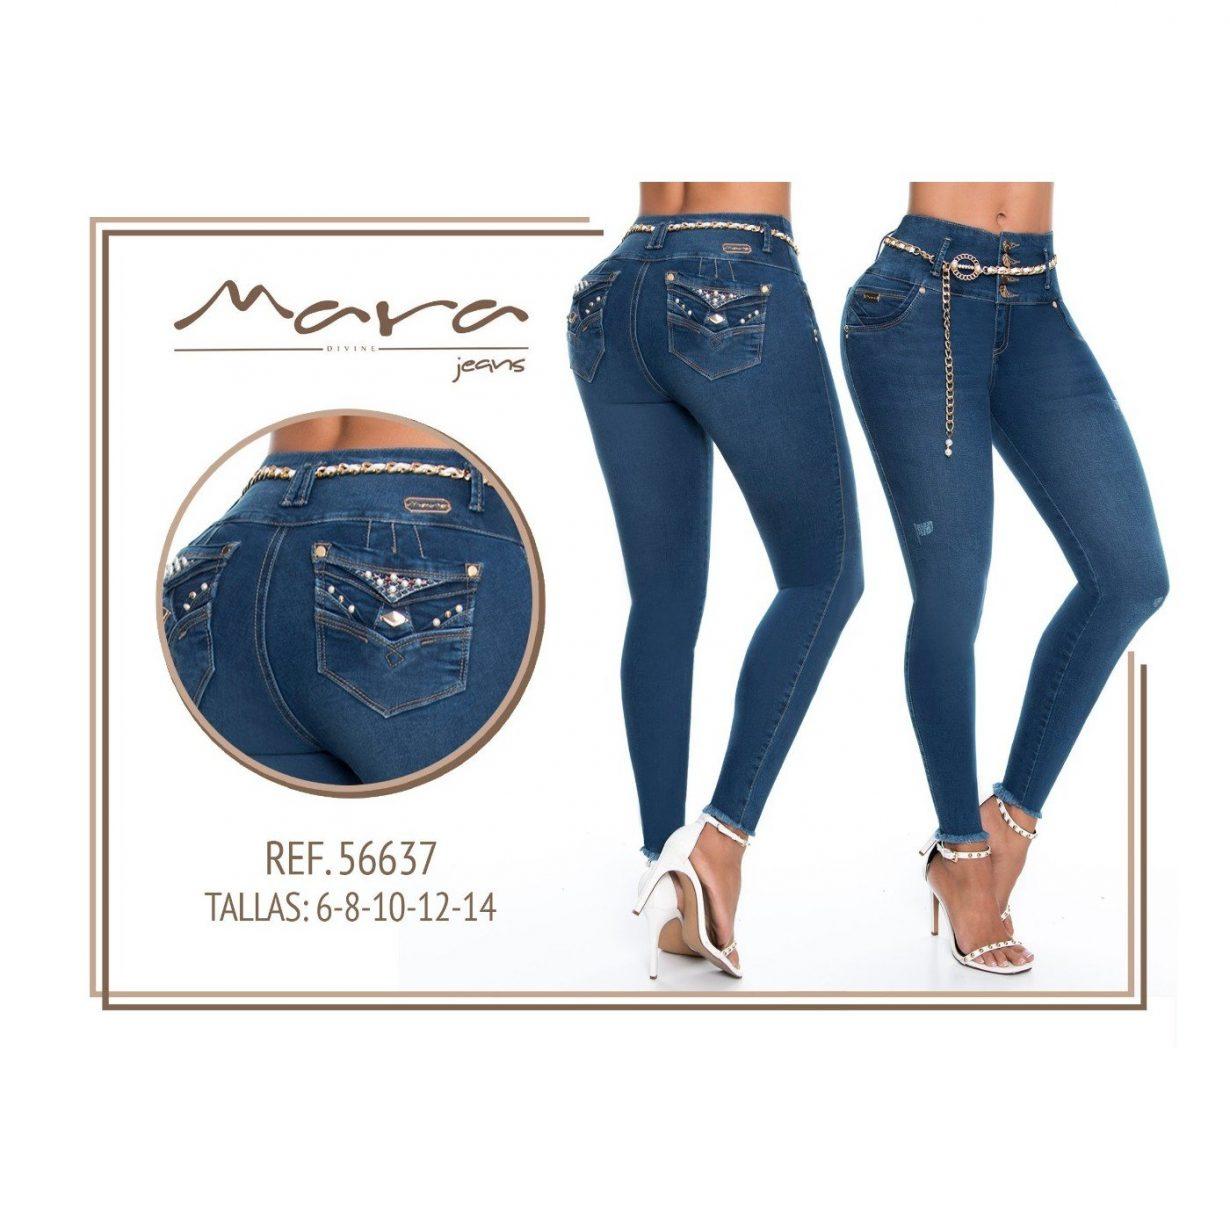 Pantalon Colombiano Mara Jeans PM56637